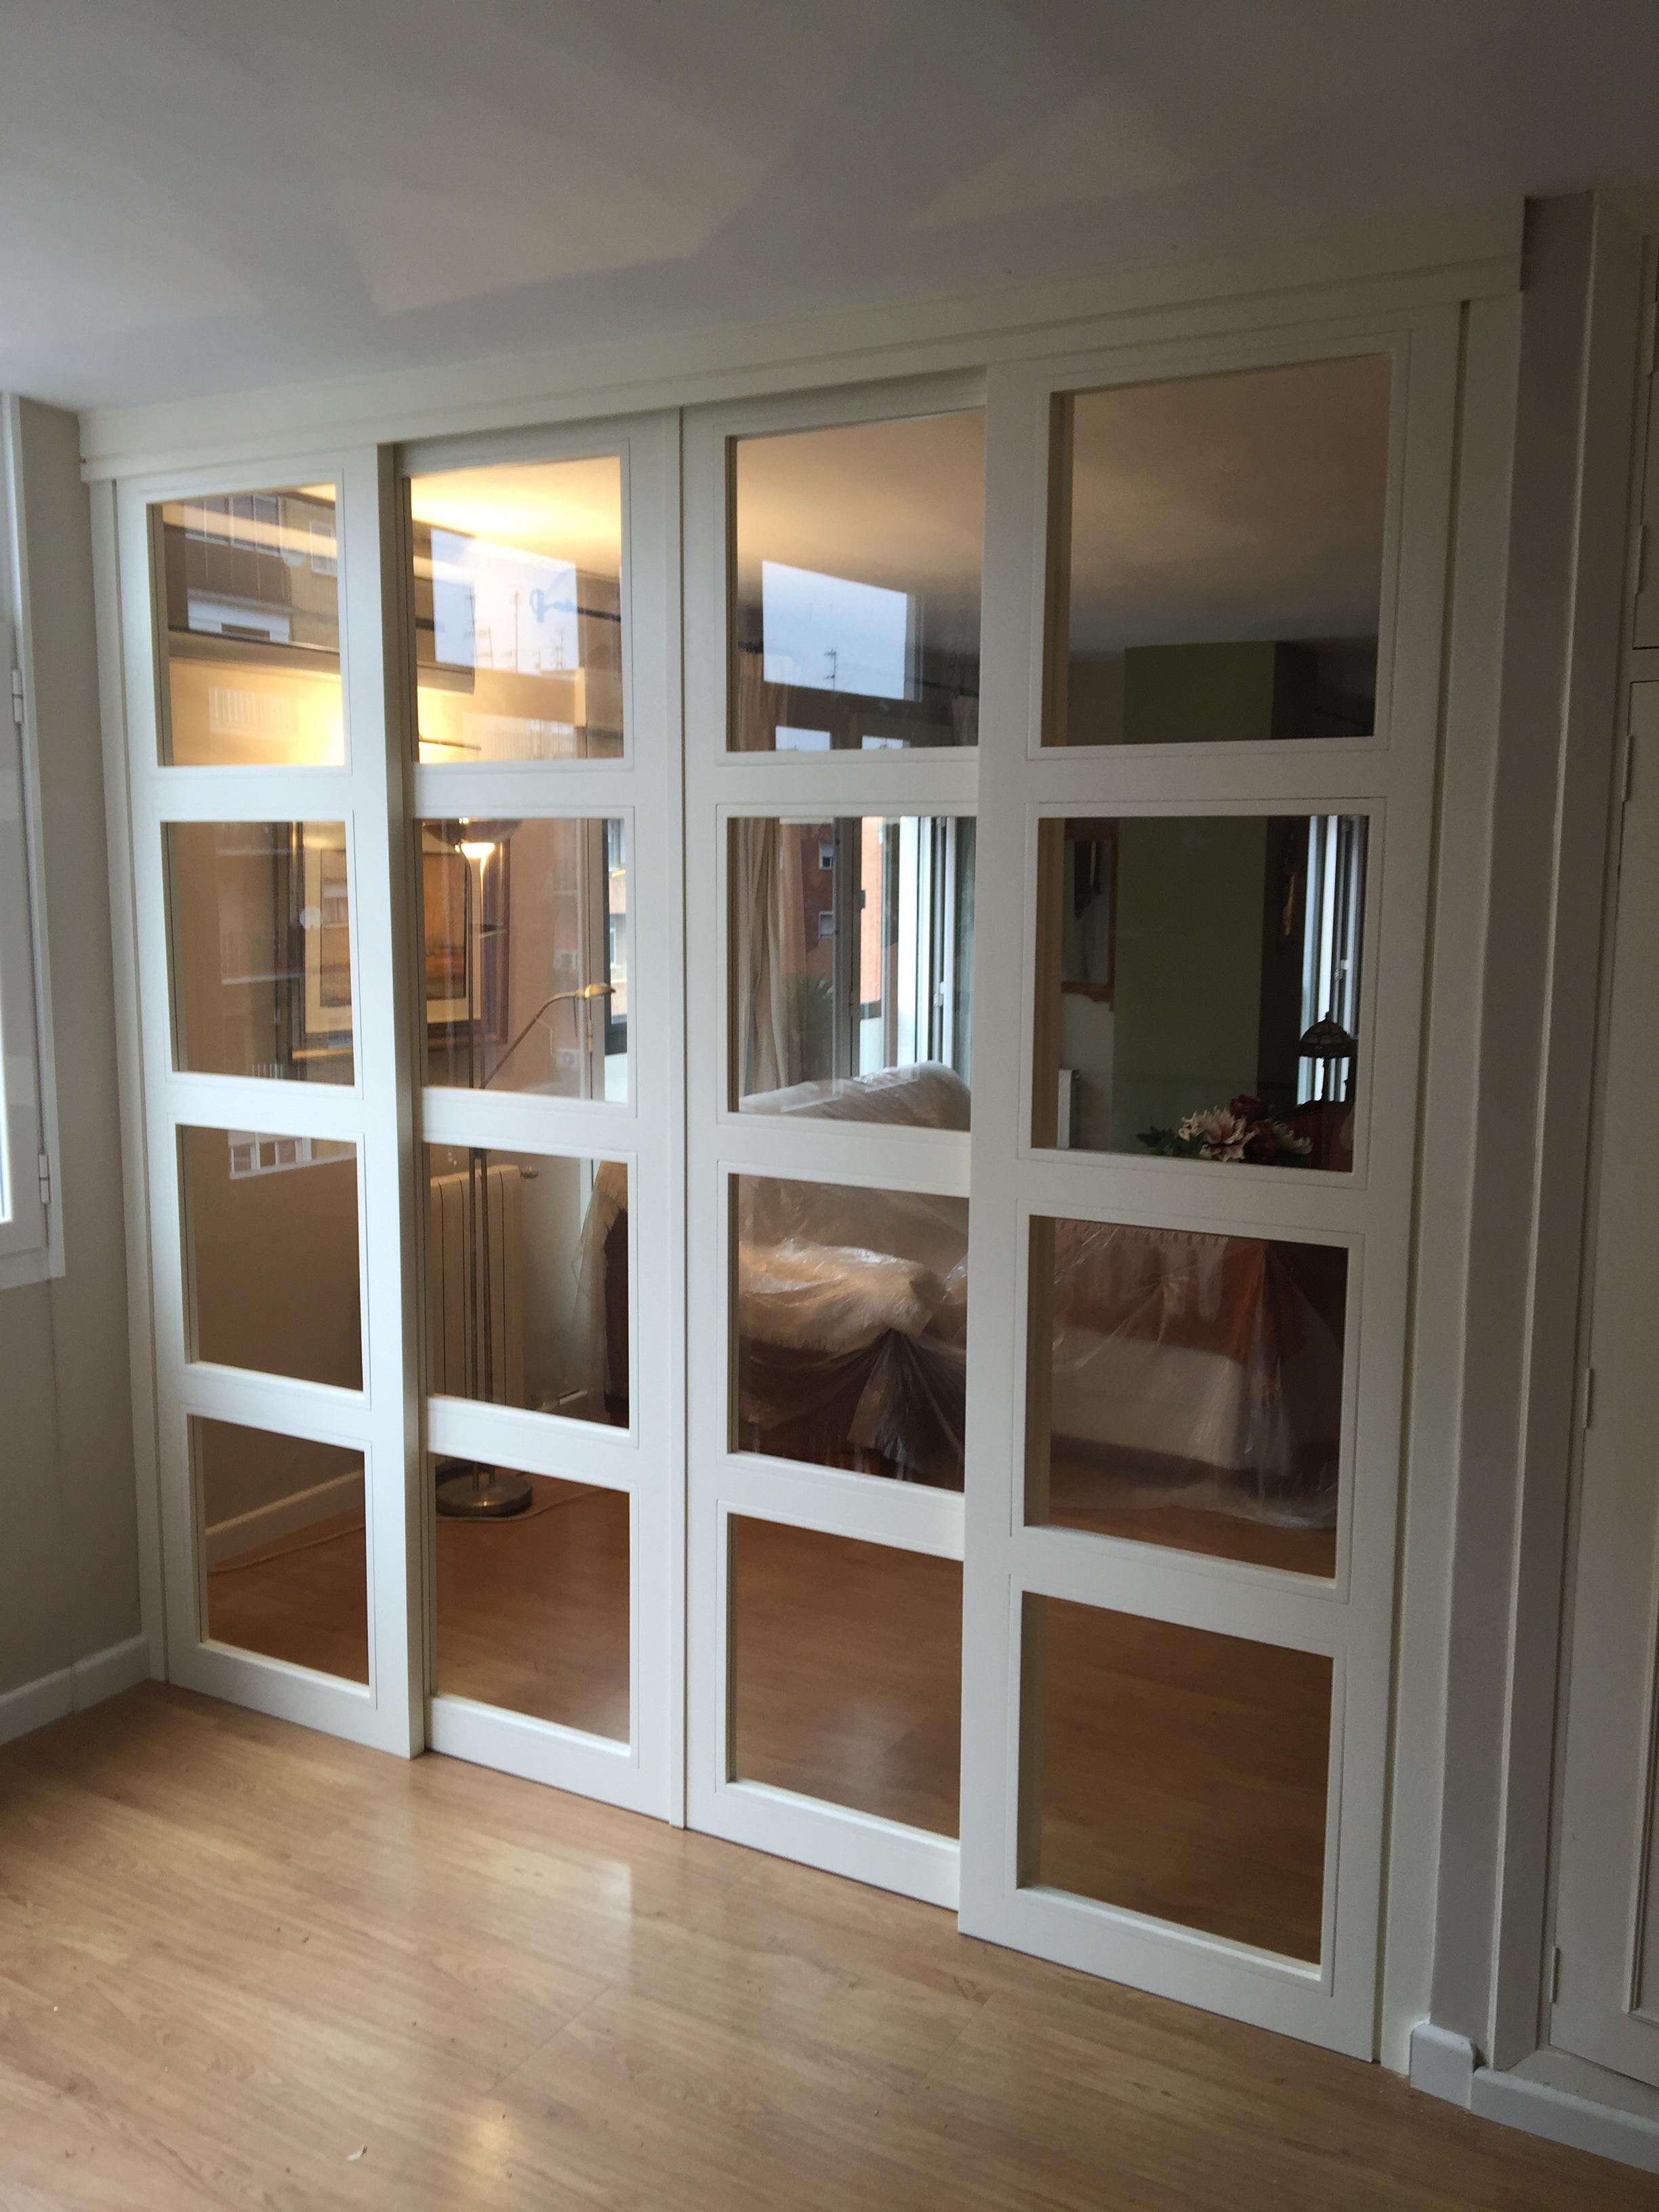 Arquitectura P Gina 3 Axis Carpinter A Y Dise O # Muebles Divisores De Espacios